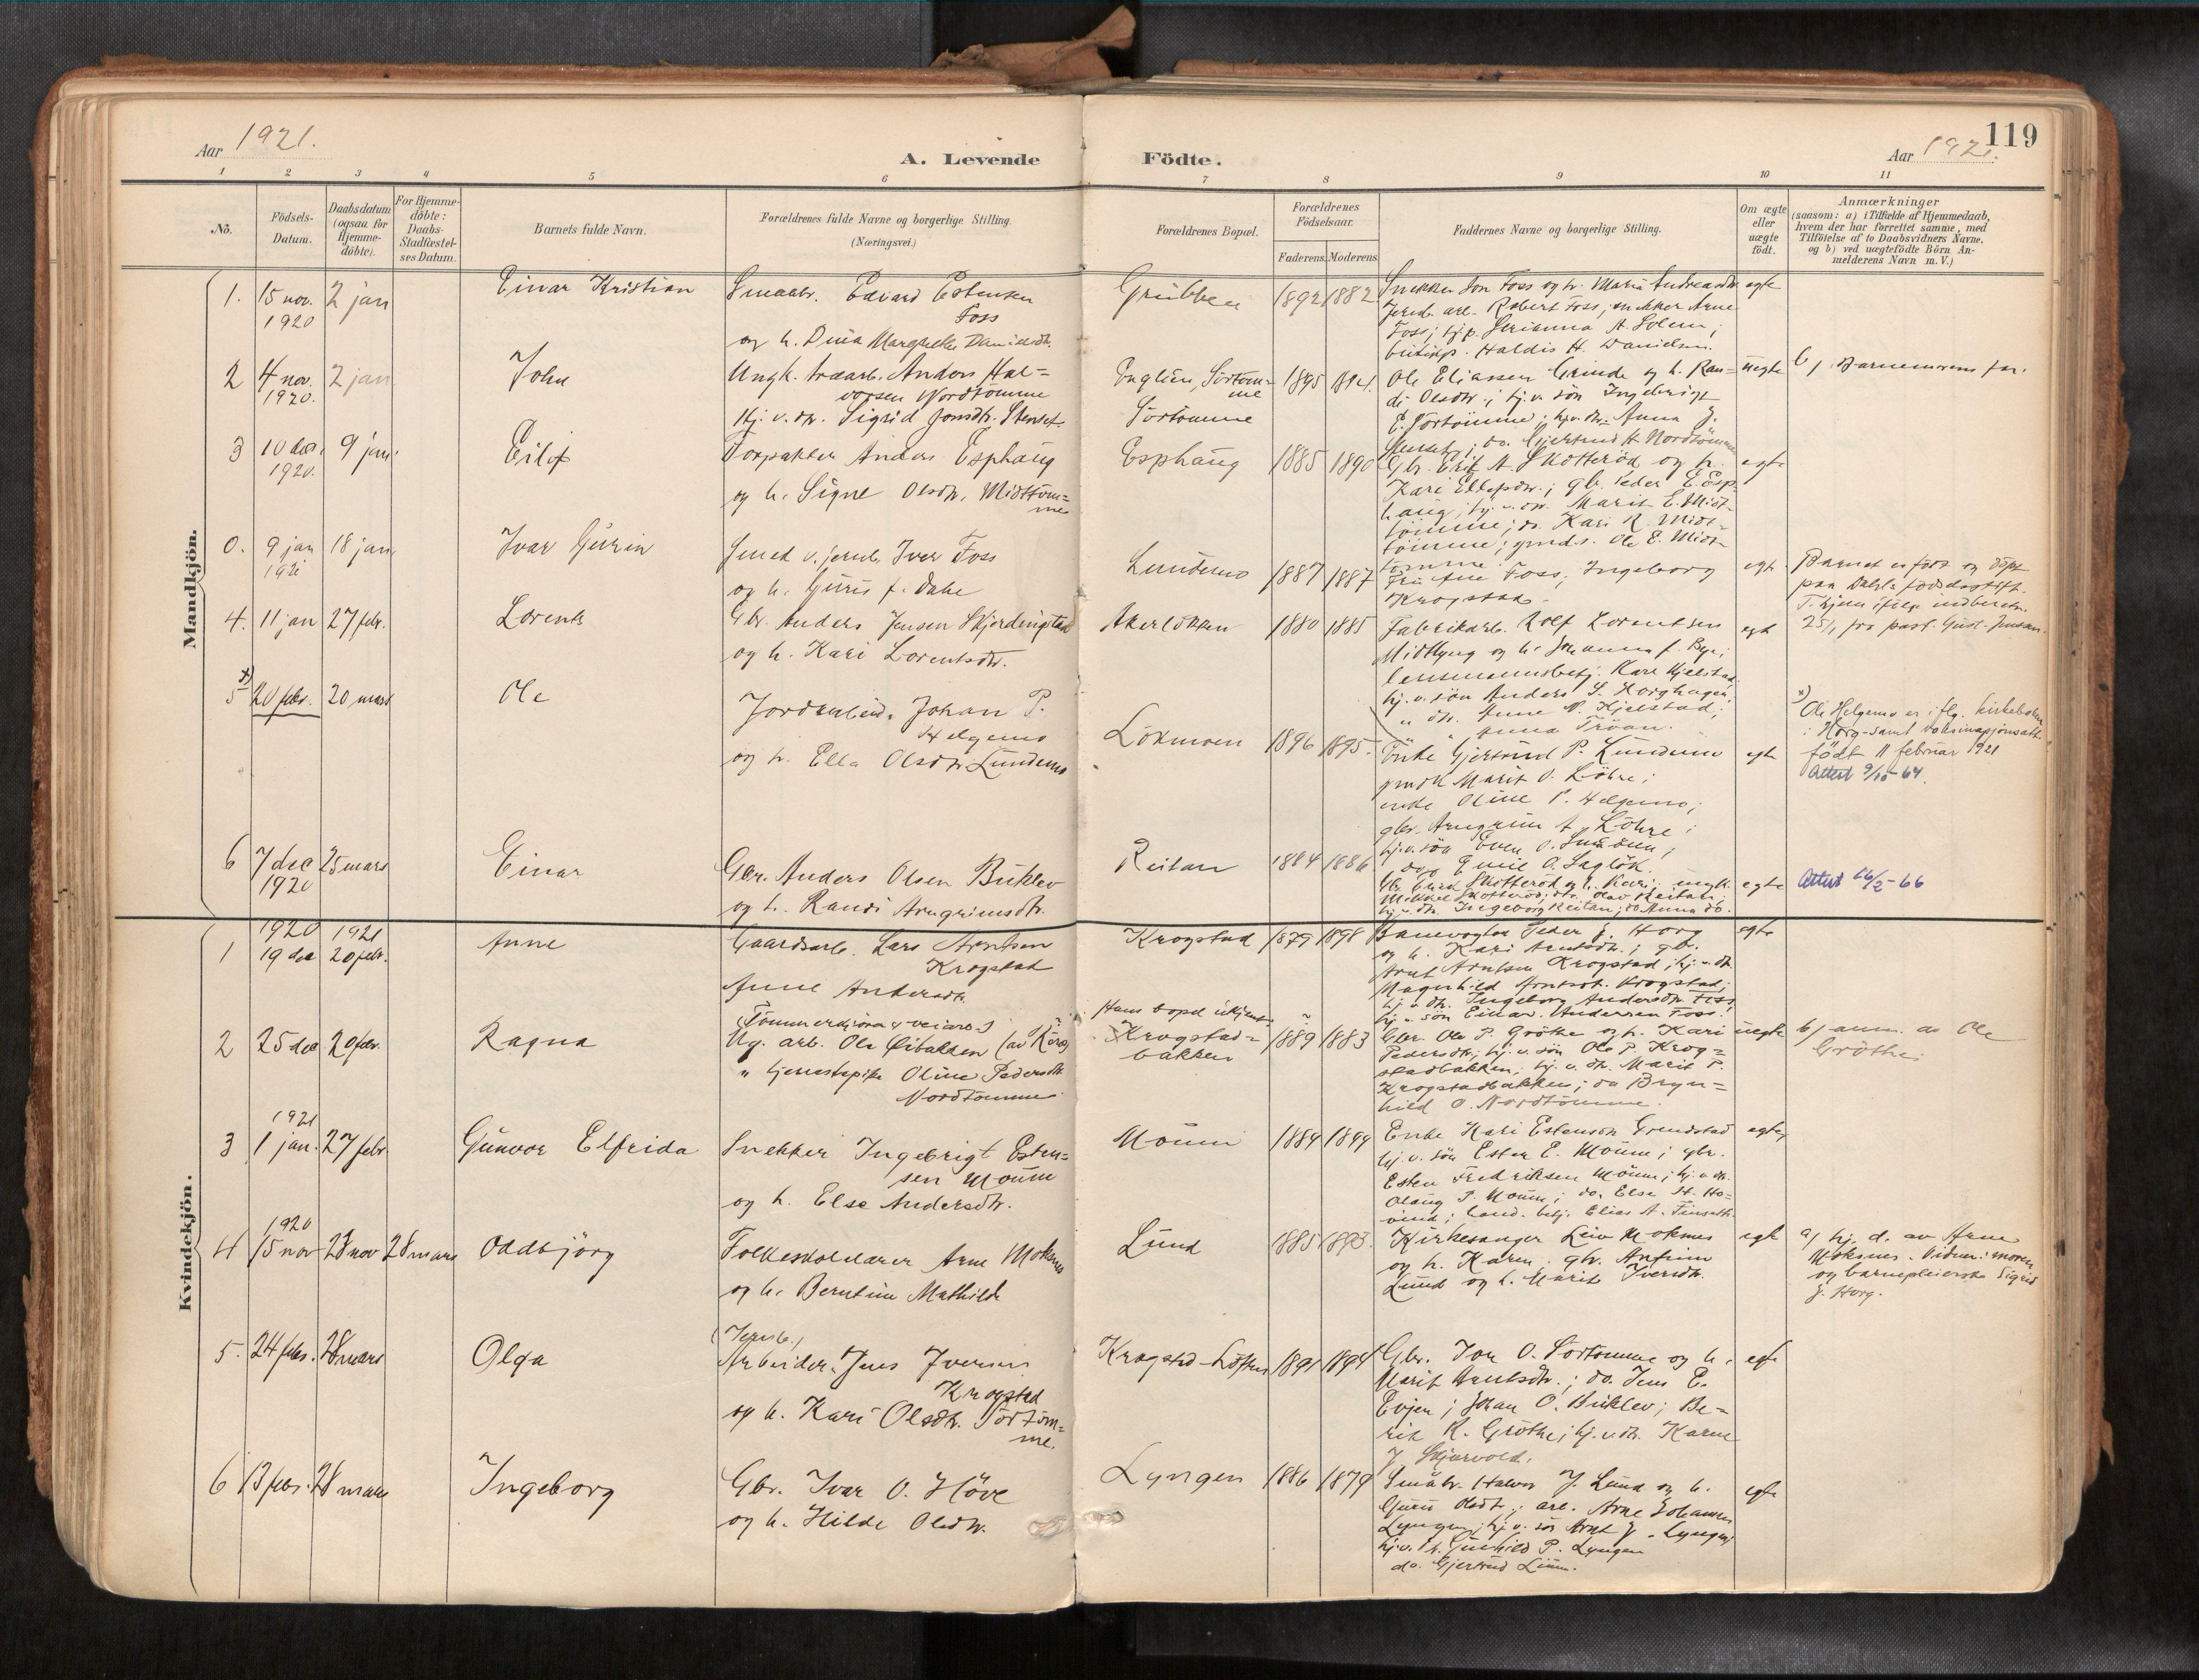 SAT, Ministerialprotokoller, klokkerbøker og fødselsregistre - Sør-Trøndelag, 692/L1105b: Ministerialbok nr. 692A06, 1891-1934, s. 119